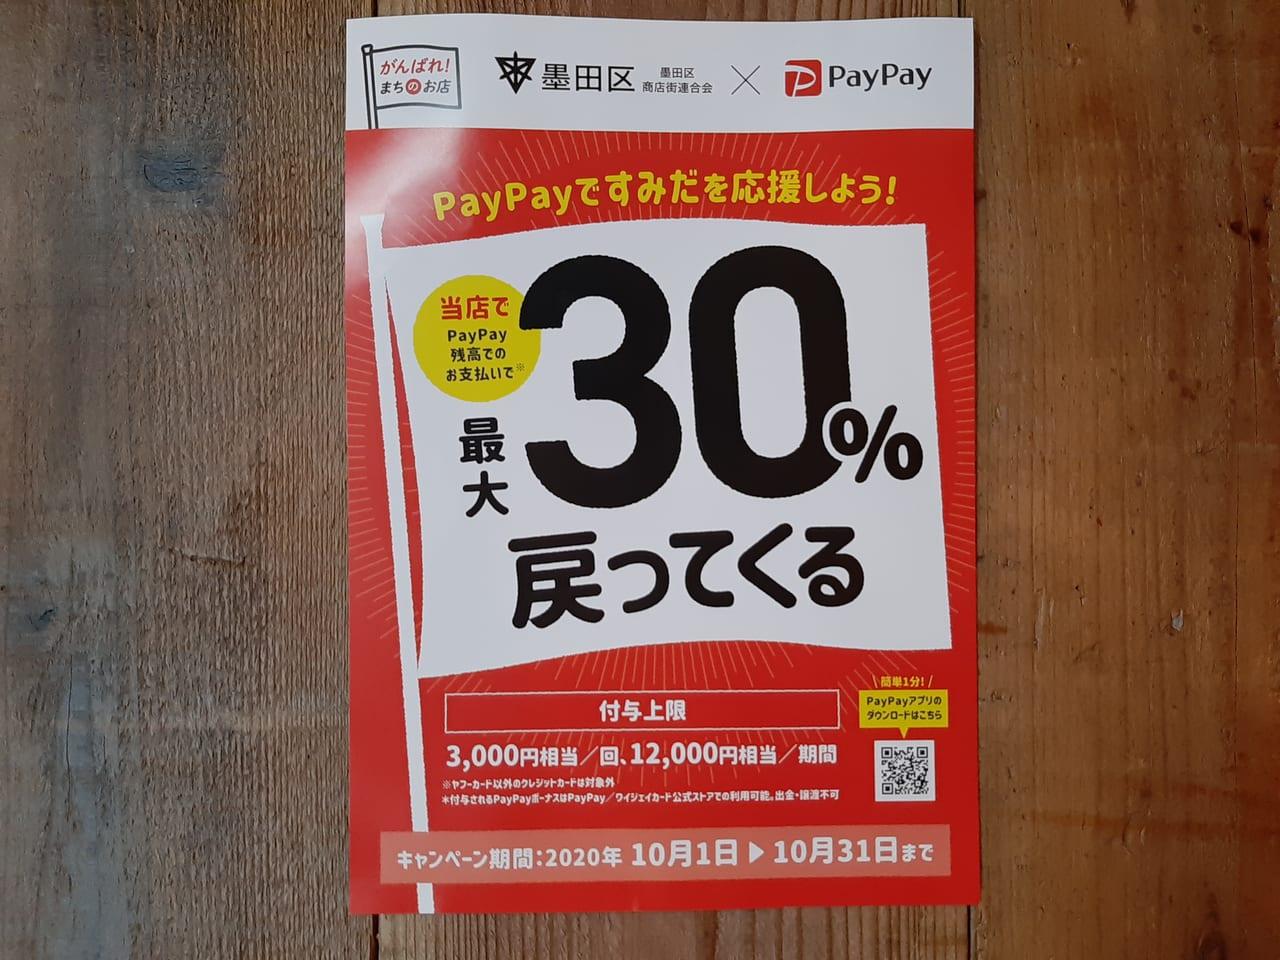 PayPay30%ポスター